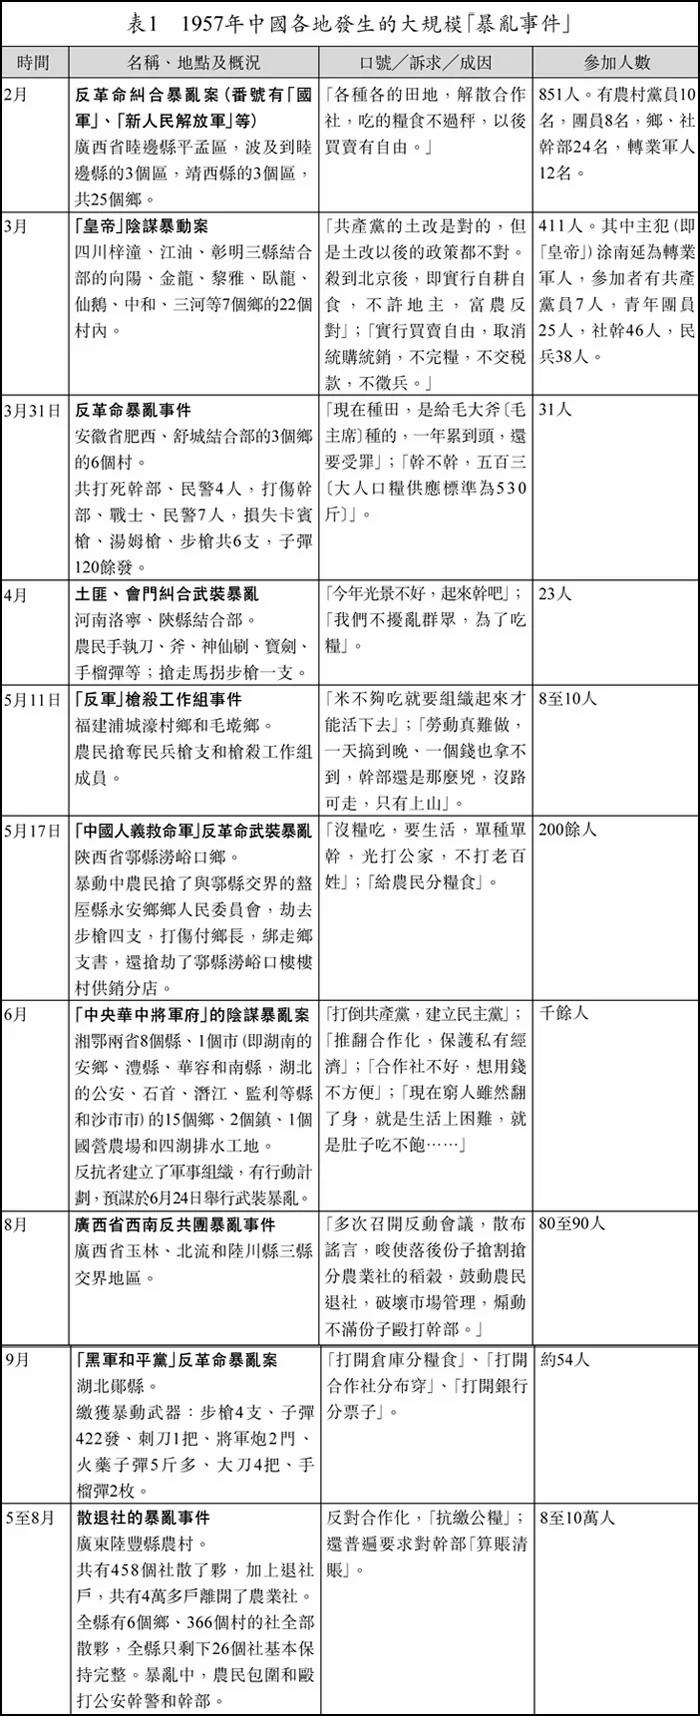 粮食战争:中国大饥荒的起源 统购统销政策和合作化运动